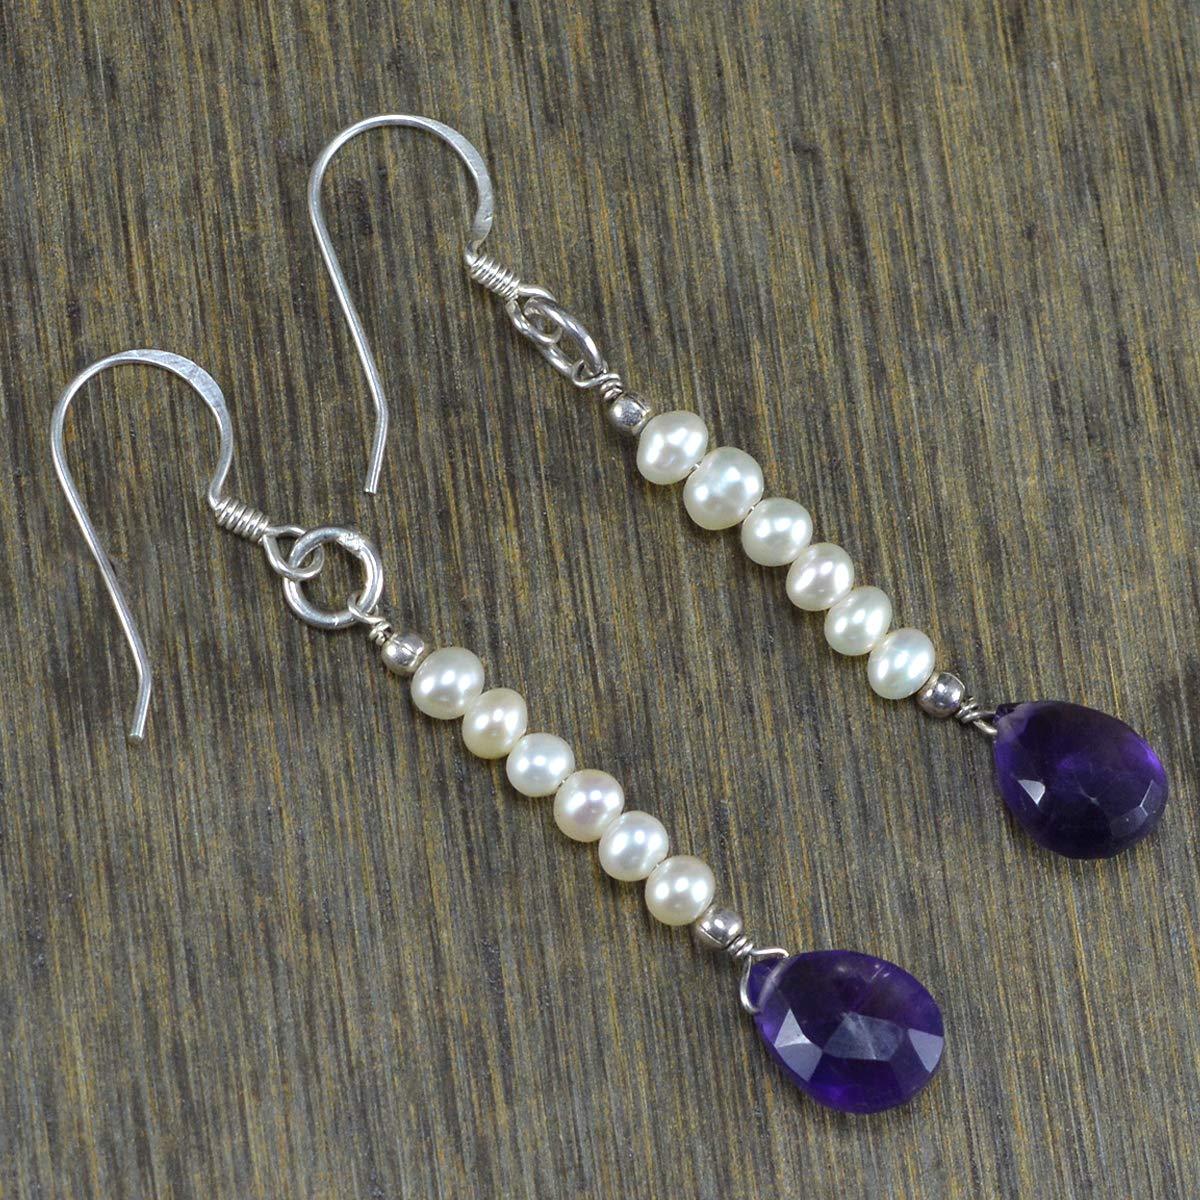 Silvestoo Jaipur Amethyst /& Pearl Gemstone 925 Sterling Silver Earring PG-105373